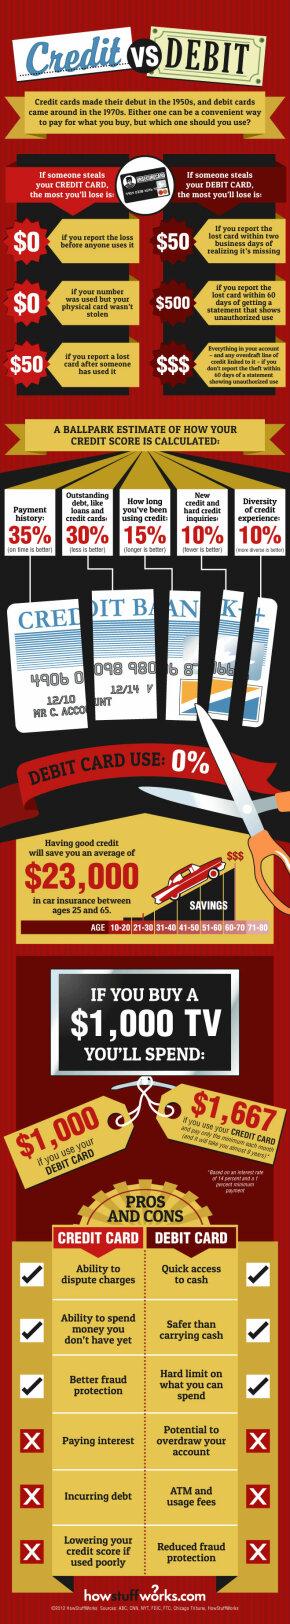 graphic showing credit versus debit cards